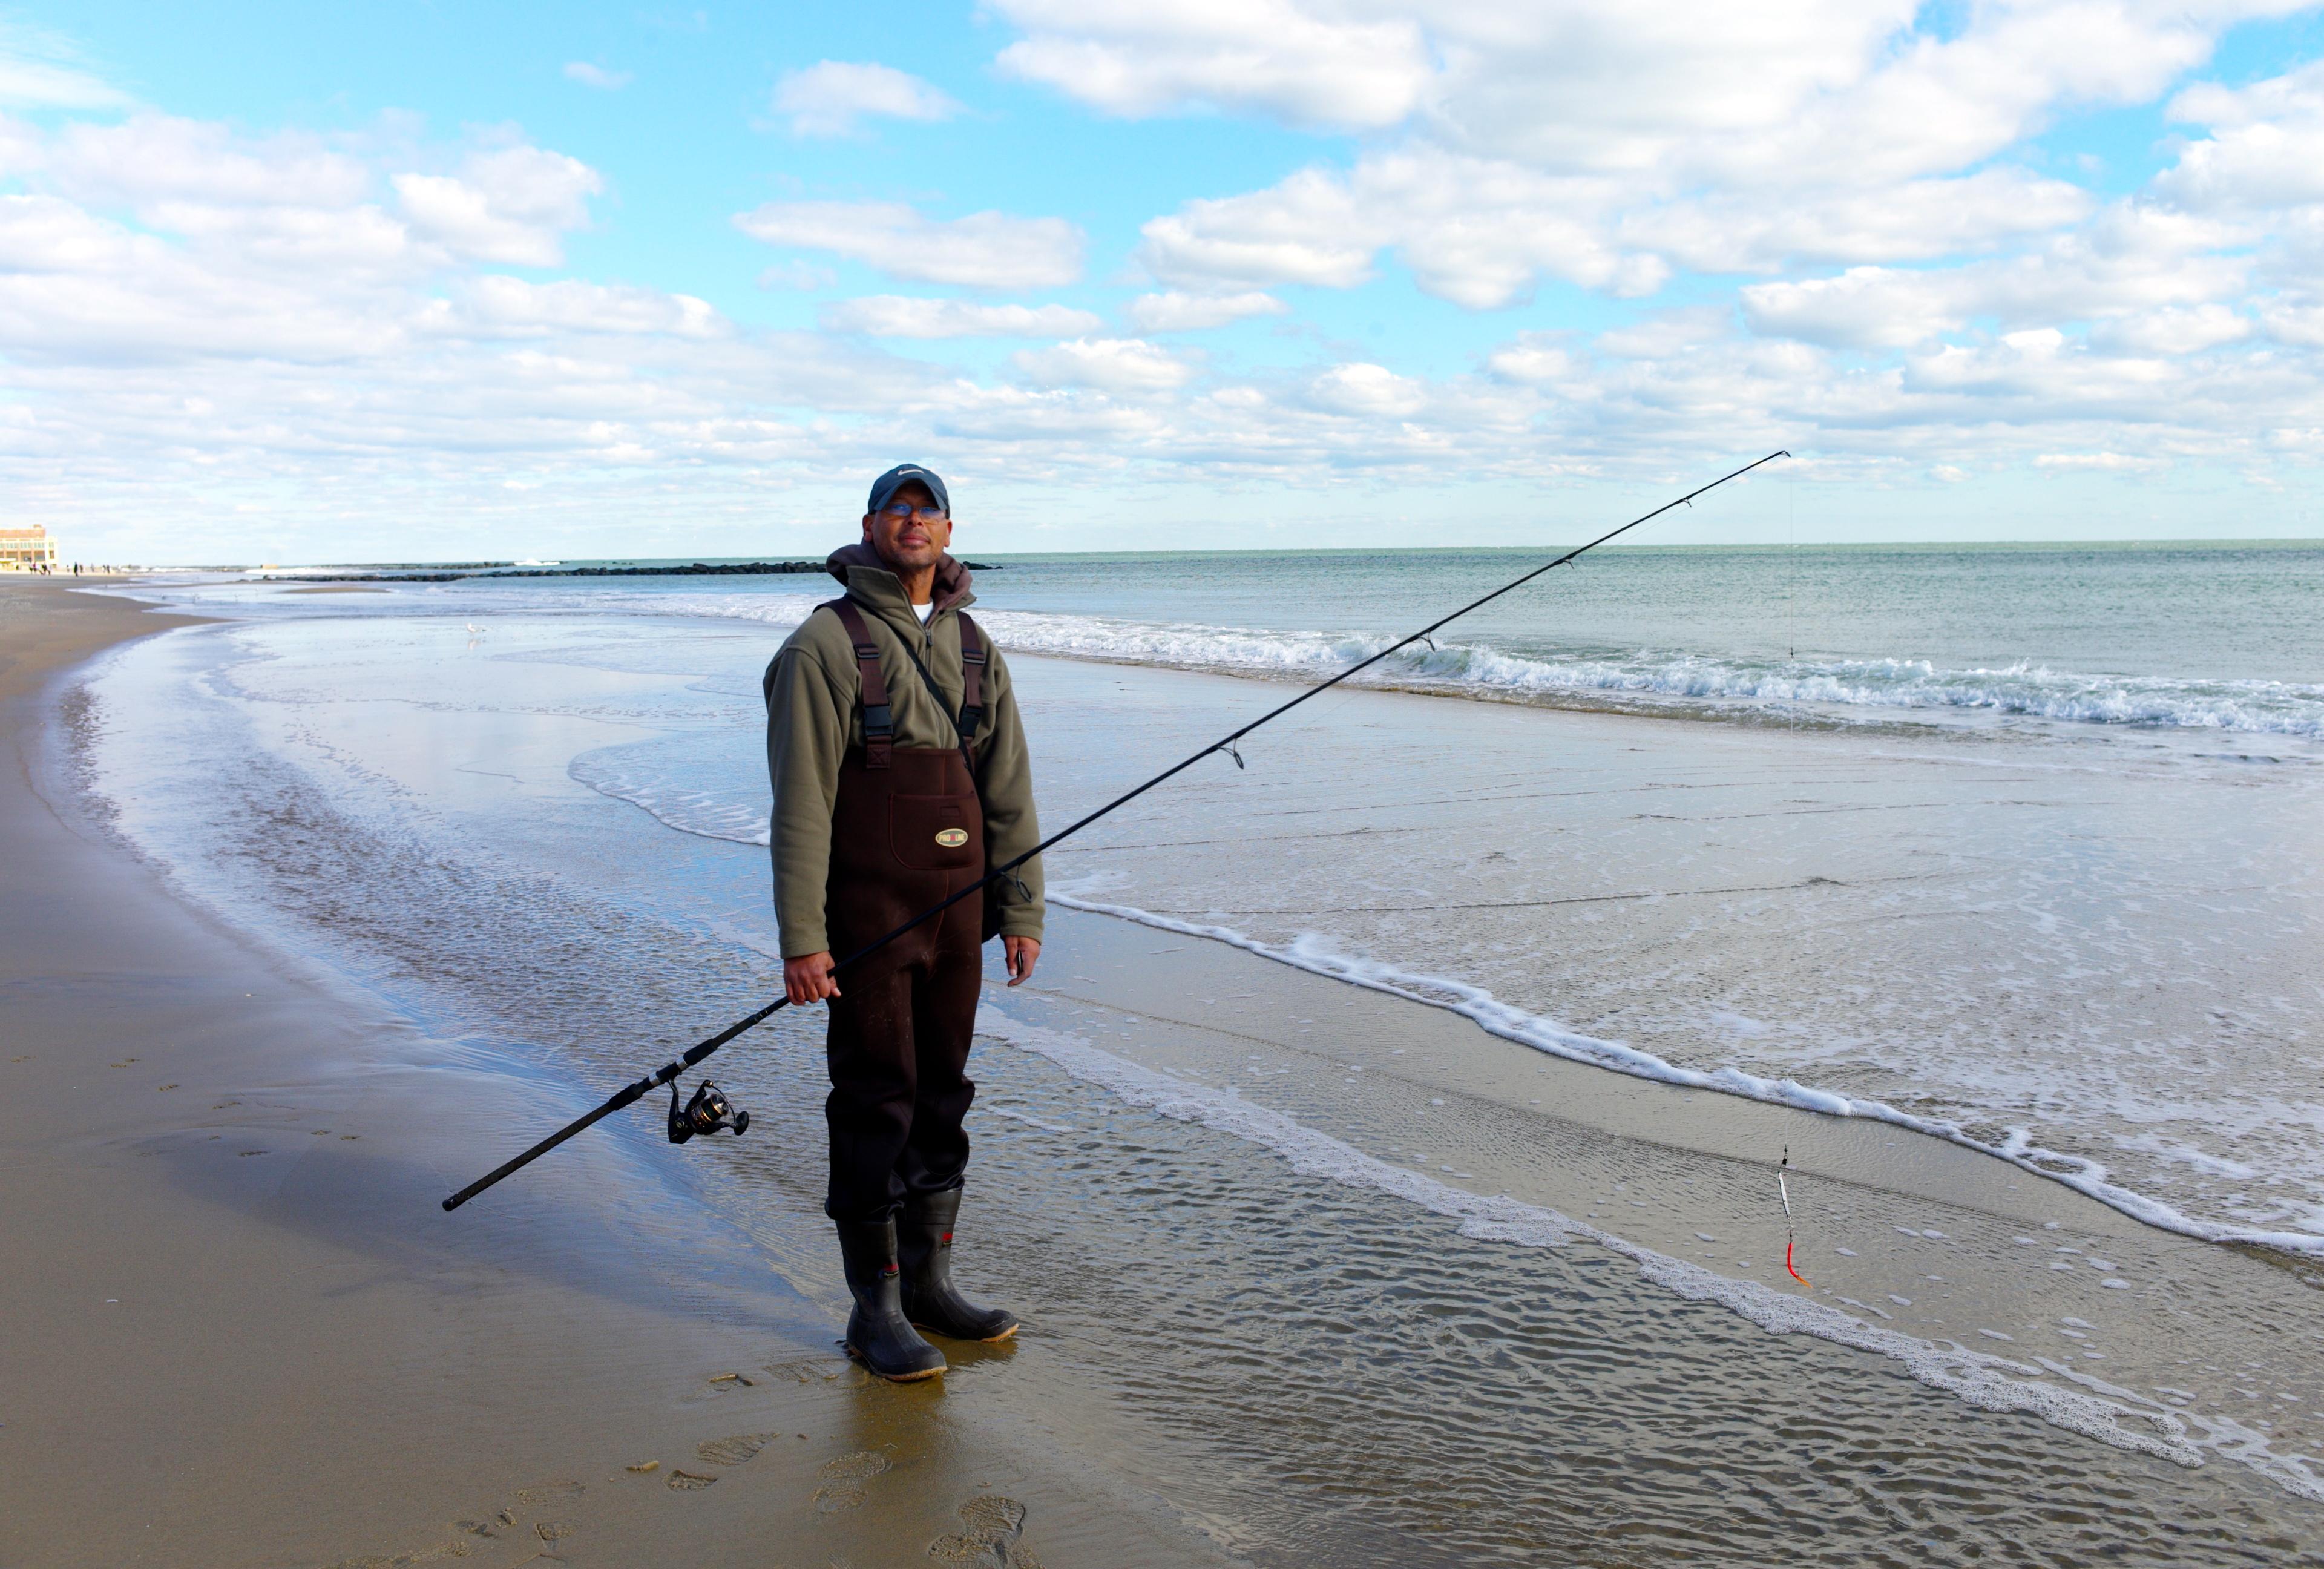 Ribolov na fotkama - Page 4 Fisherman1